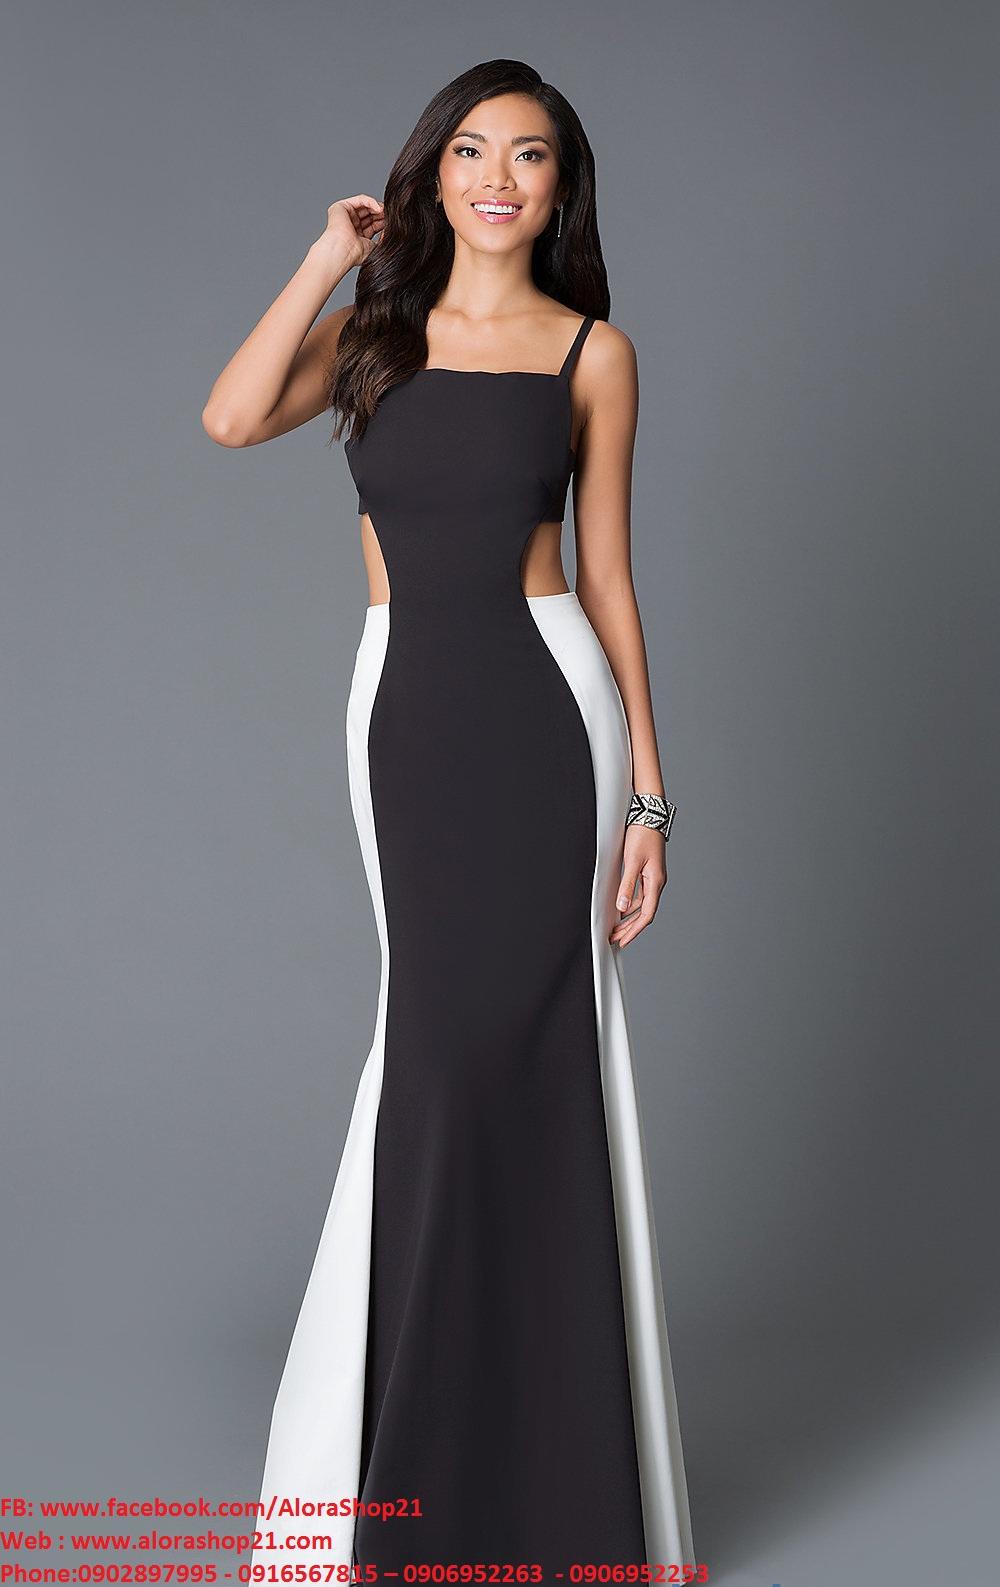 Đầm dạ hội 2 dây đen phối trắng khoét eo quyến rũ - D272